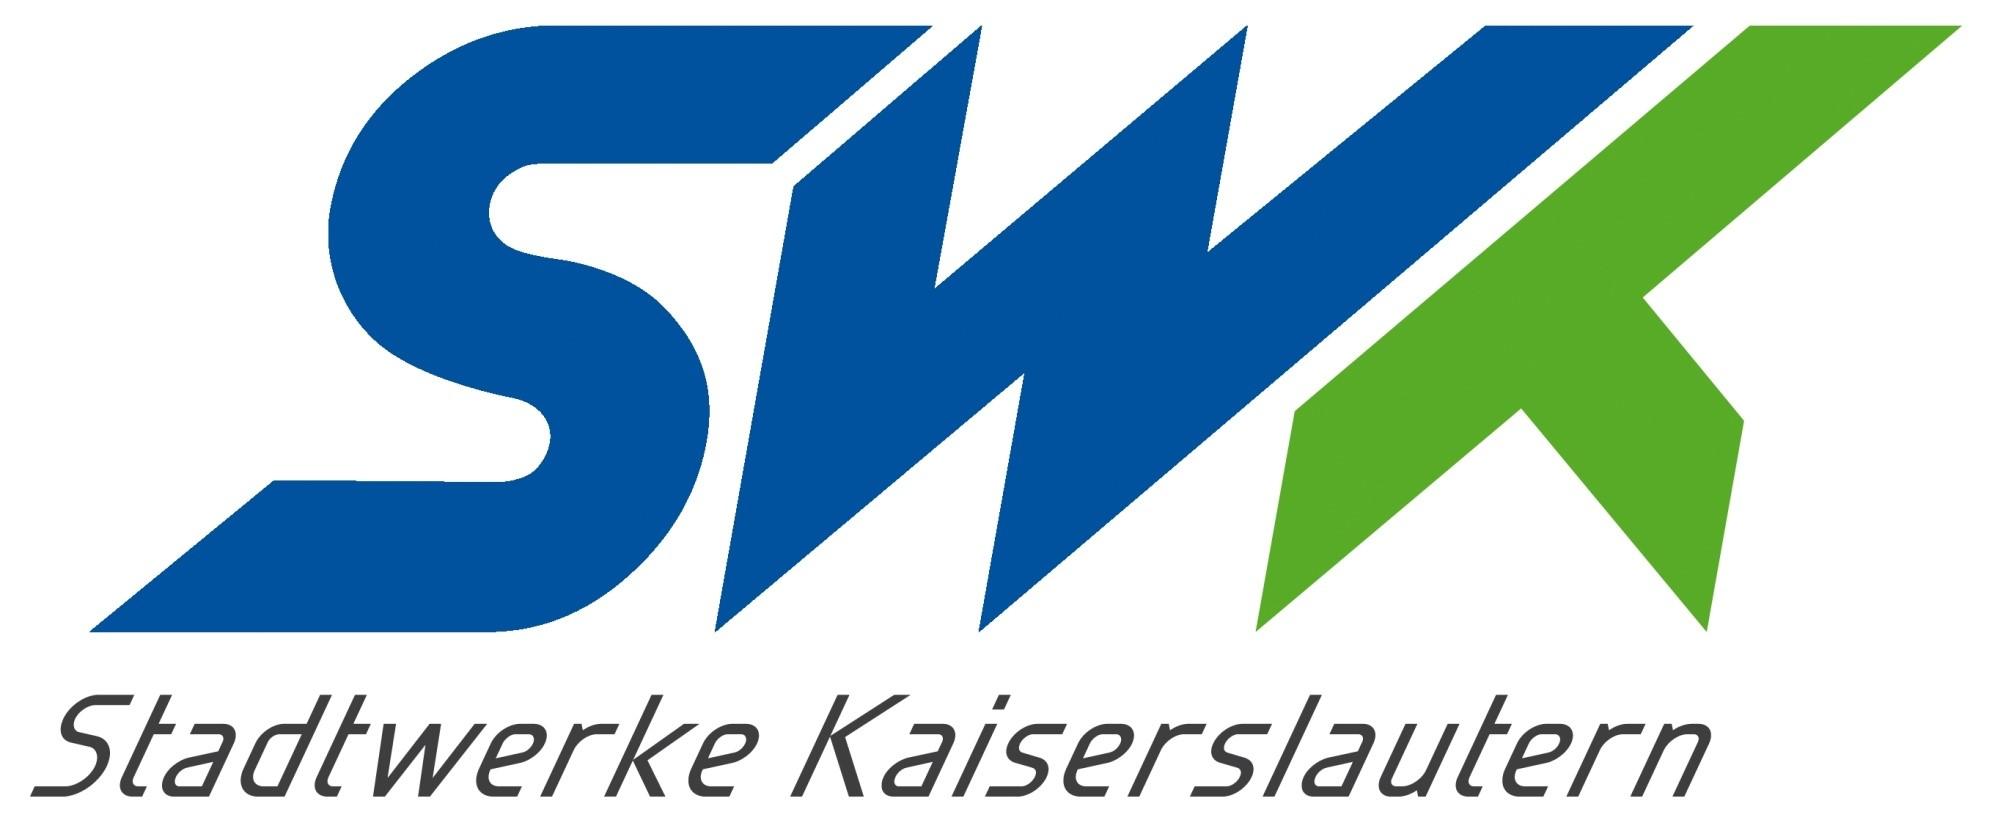 Erneuerungsarbeiten zur Stromversorgung in Kaiserslautern erfordern Vollsperrung